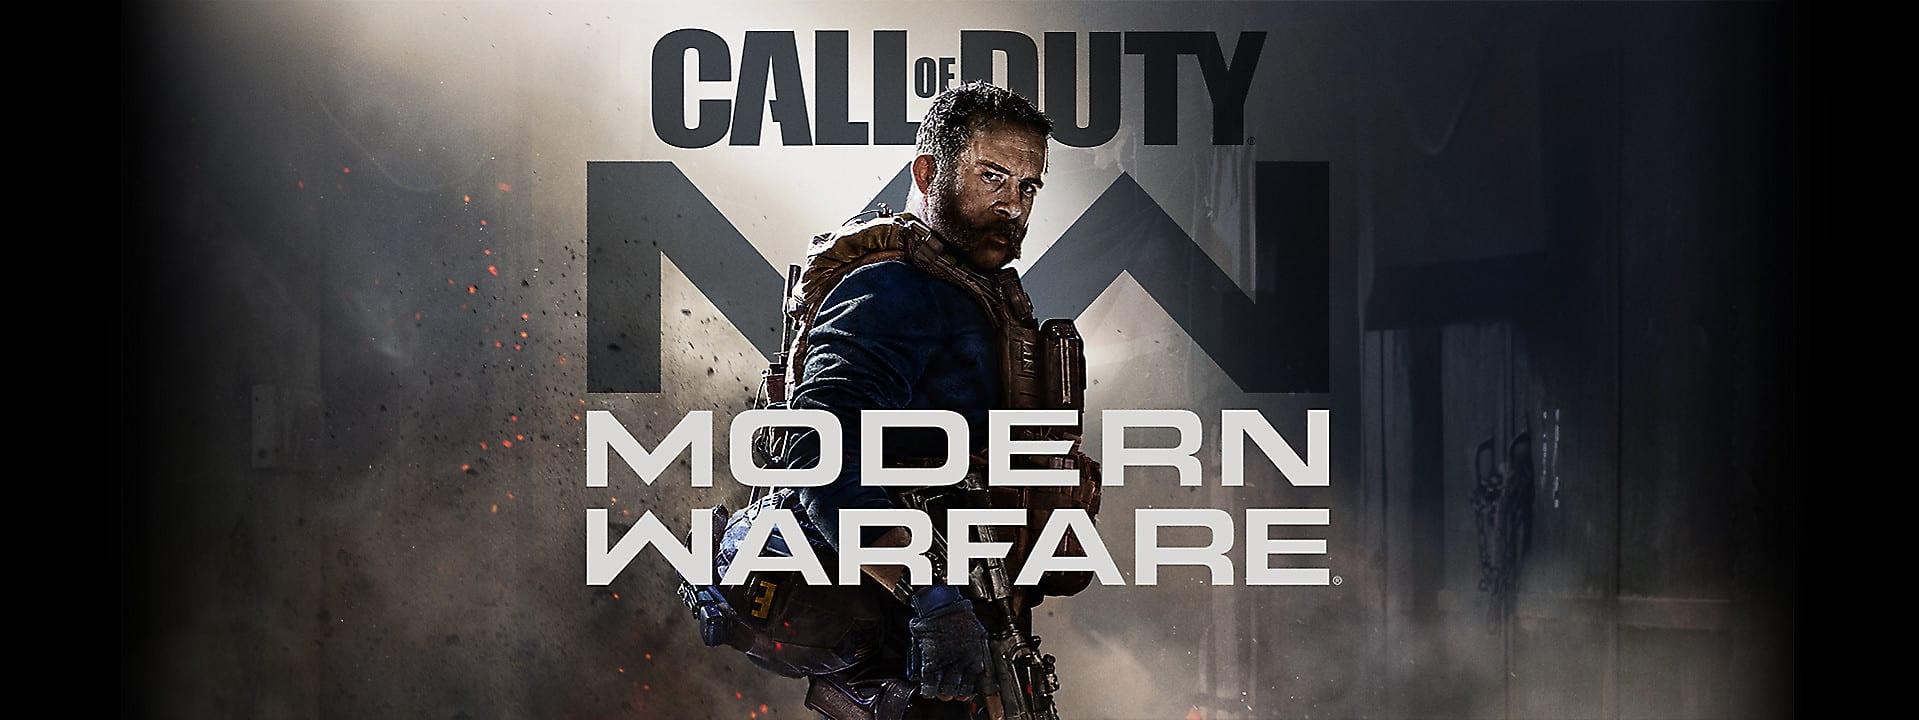 Call of Duty Modern Warfare 2019 Release Date